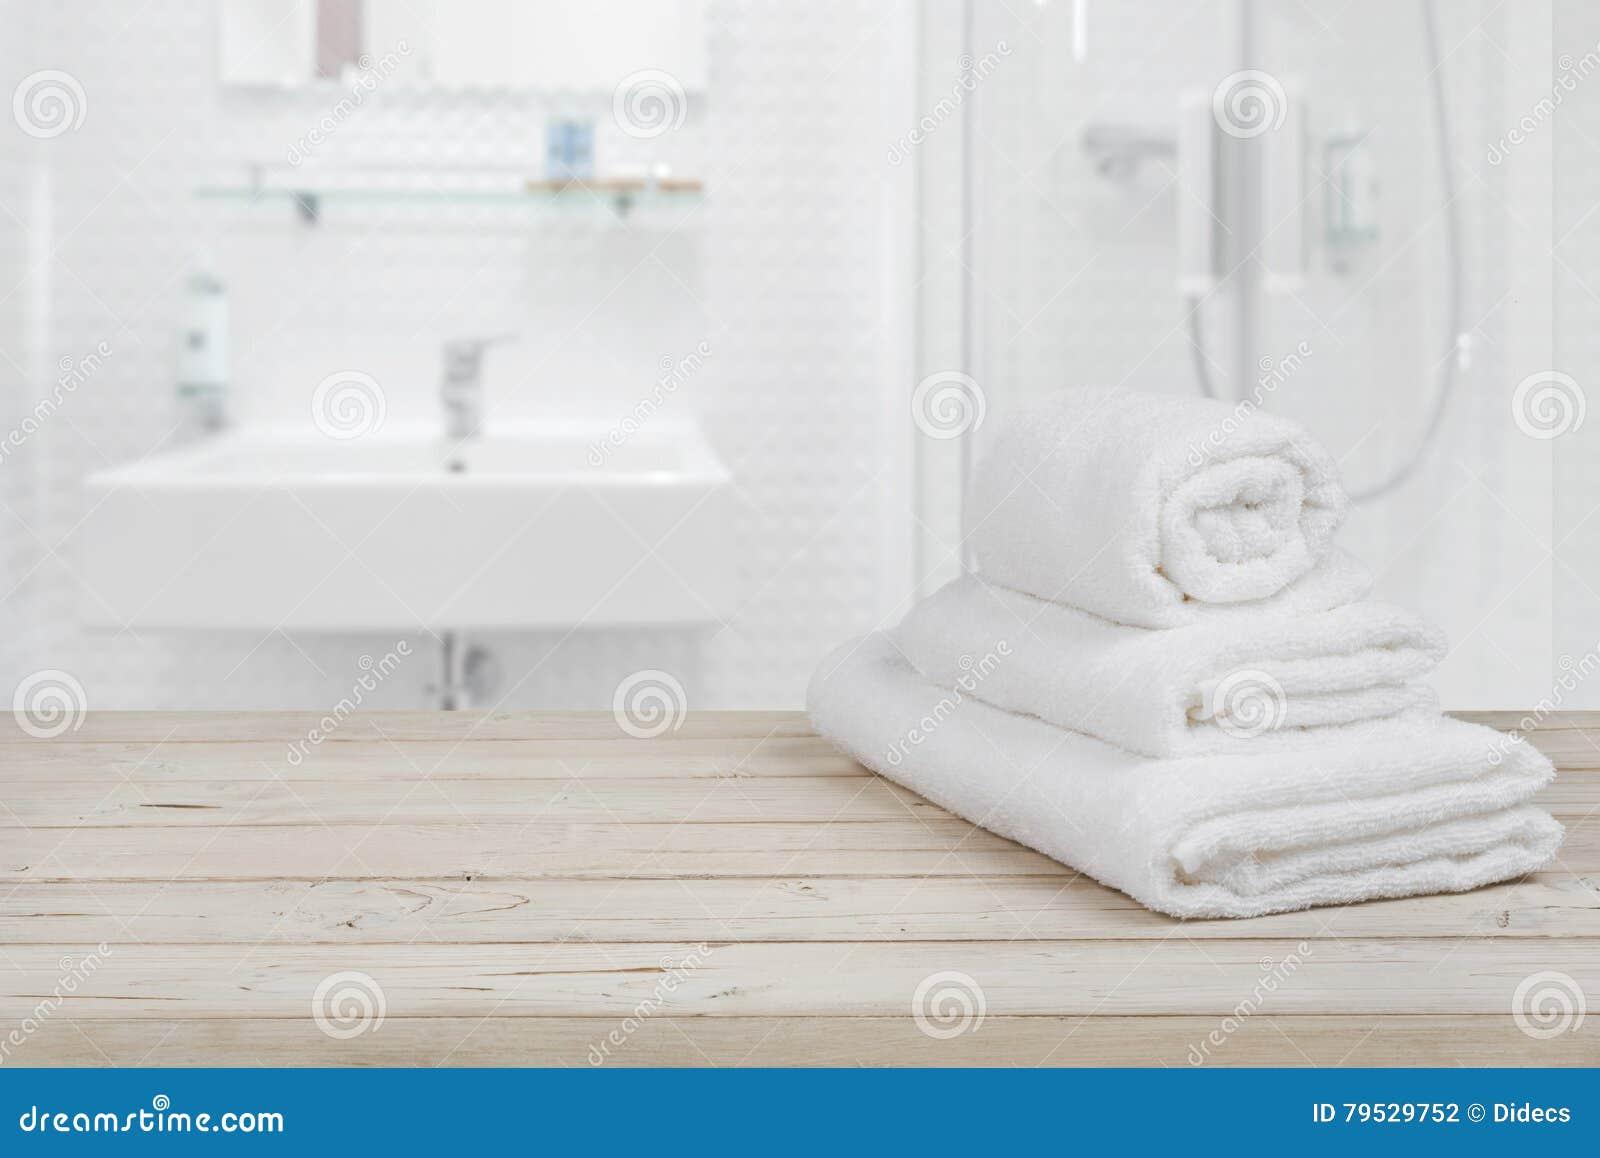 Fond intérieur brouillé de salle de bains et serviettes blanches de station thermale sur le bois